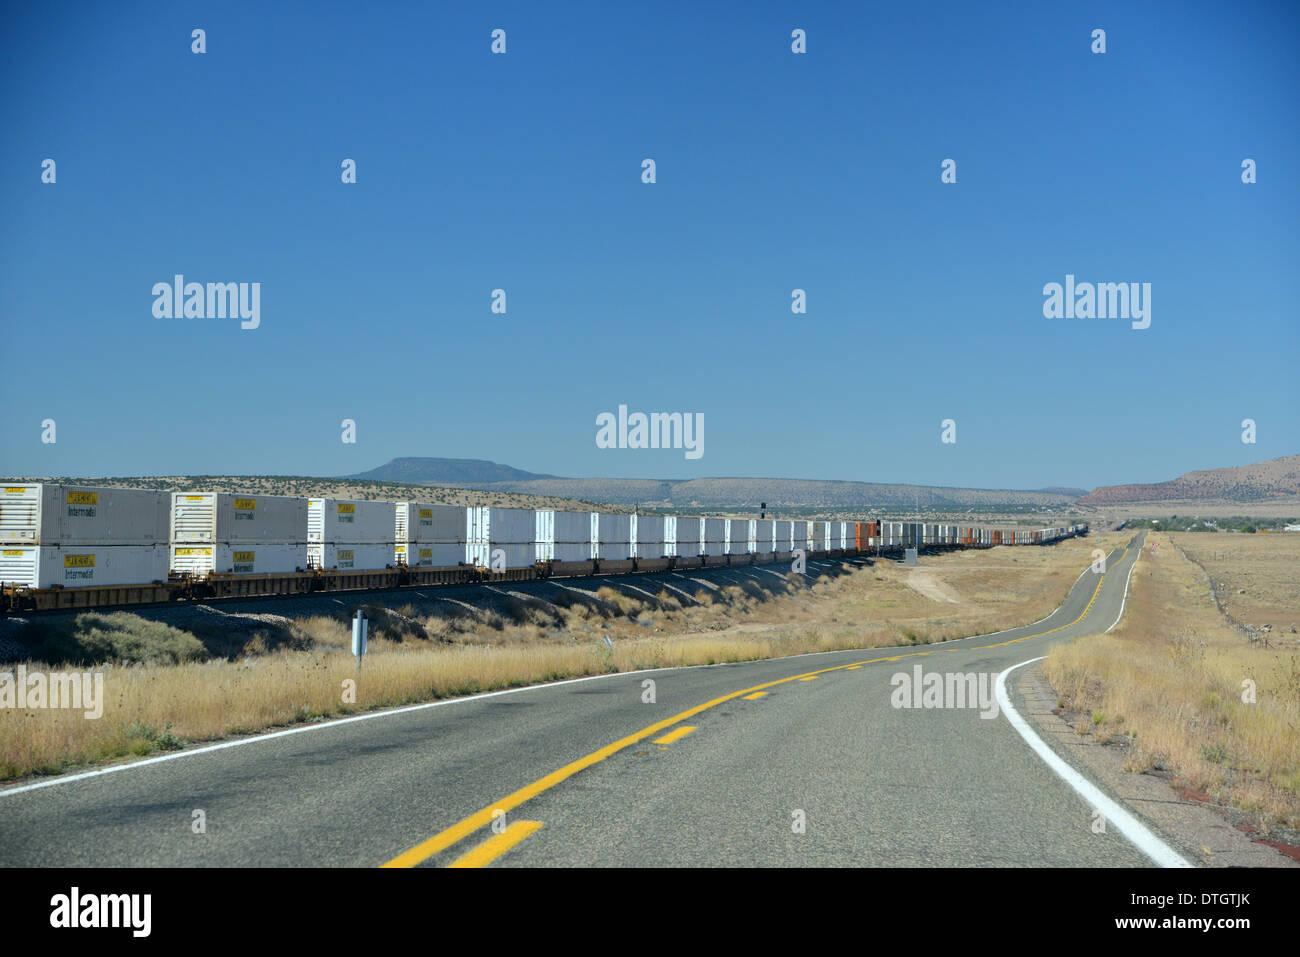 route 66, arizona, usa. long road runs alongside a goods train on